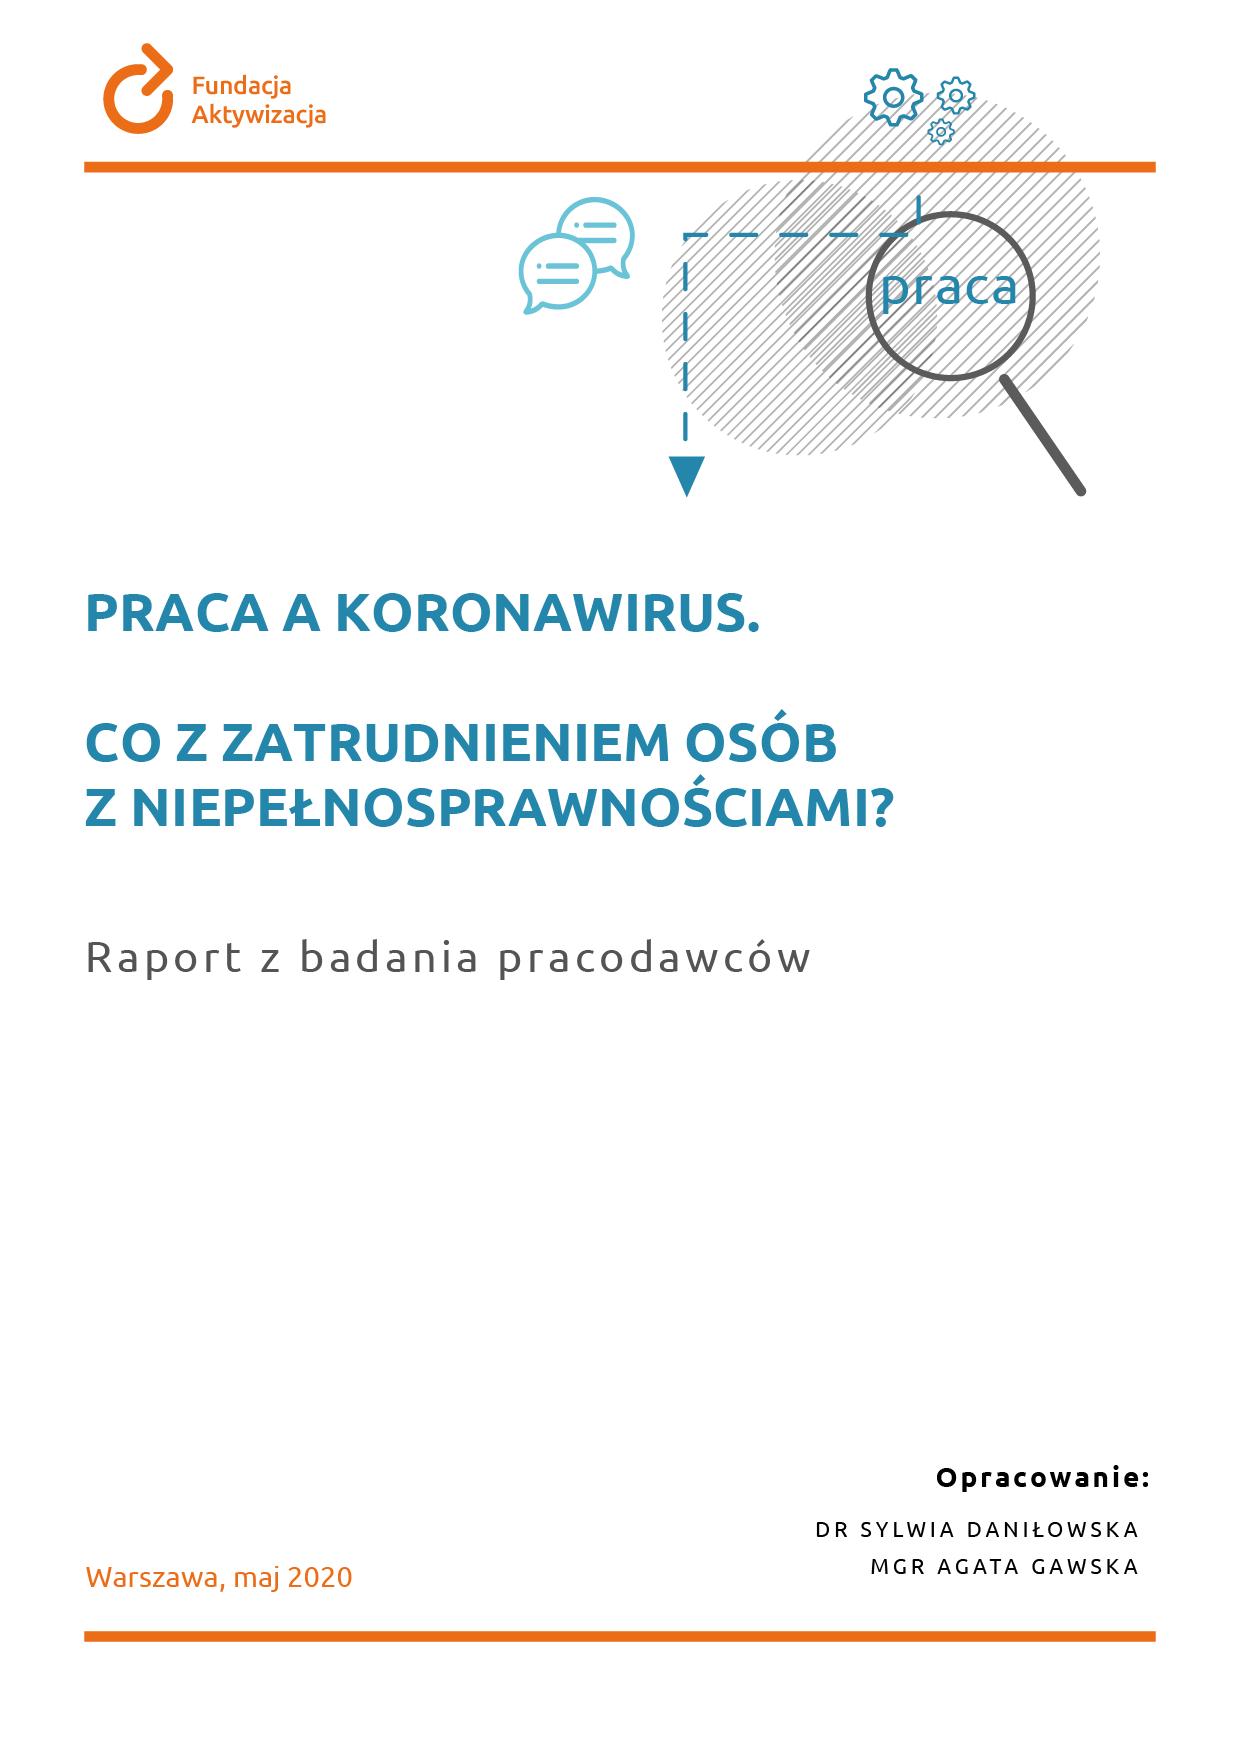 Pierwsza edycja badania pracodawców: Praca akoronawirus. Co zzatrudnieniem osób zniepełnosprawnościami?